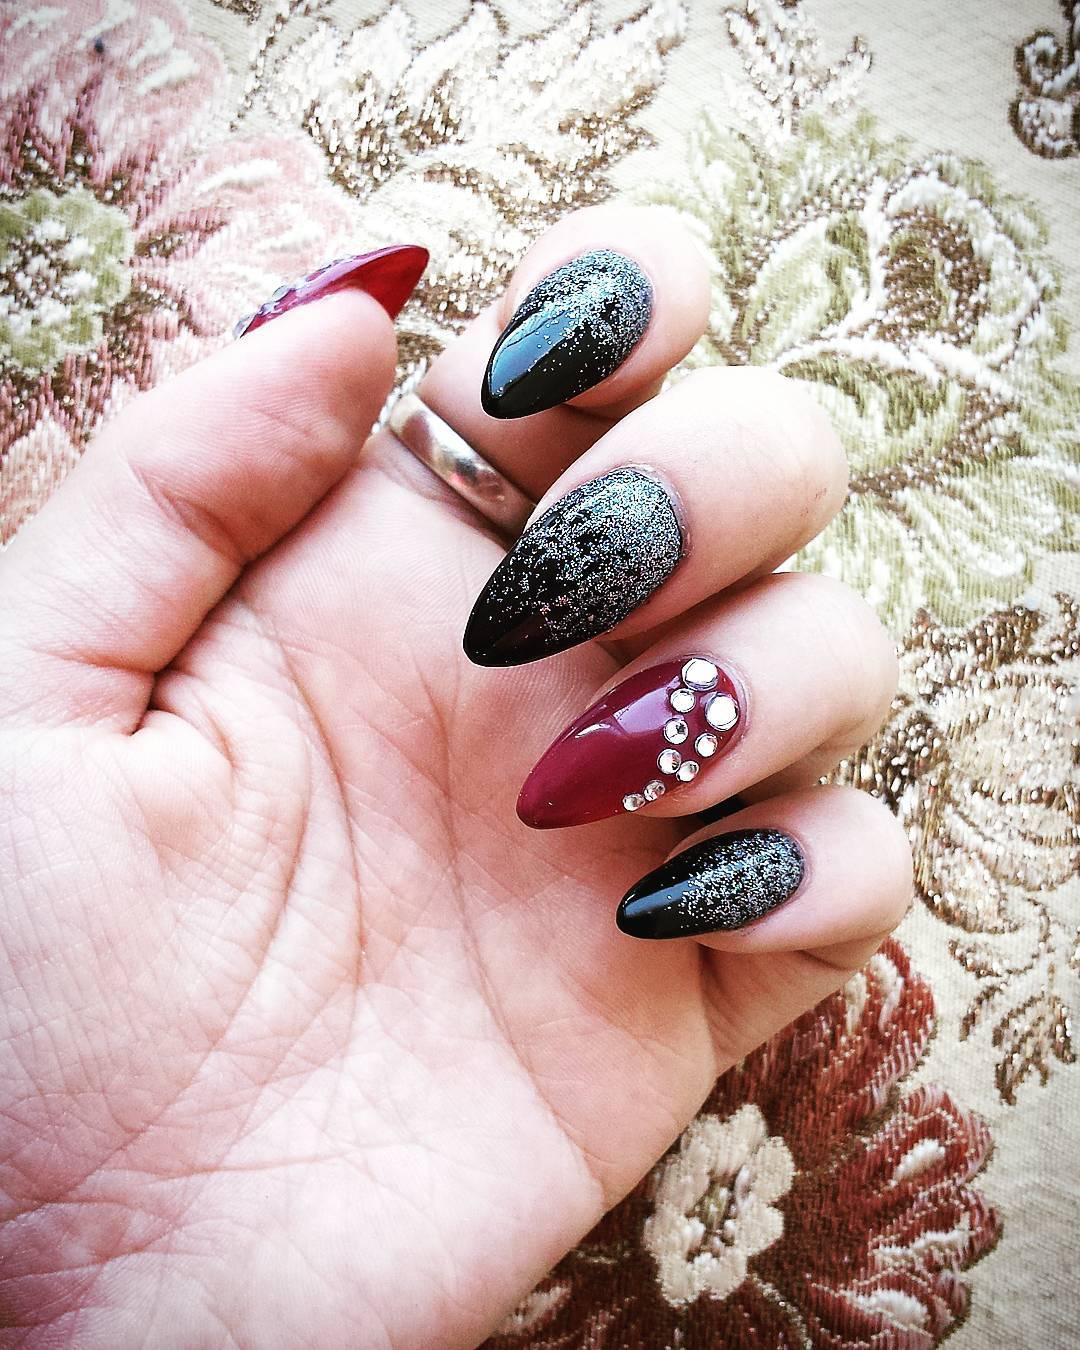 Awesome Designed Nail Art Idea